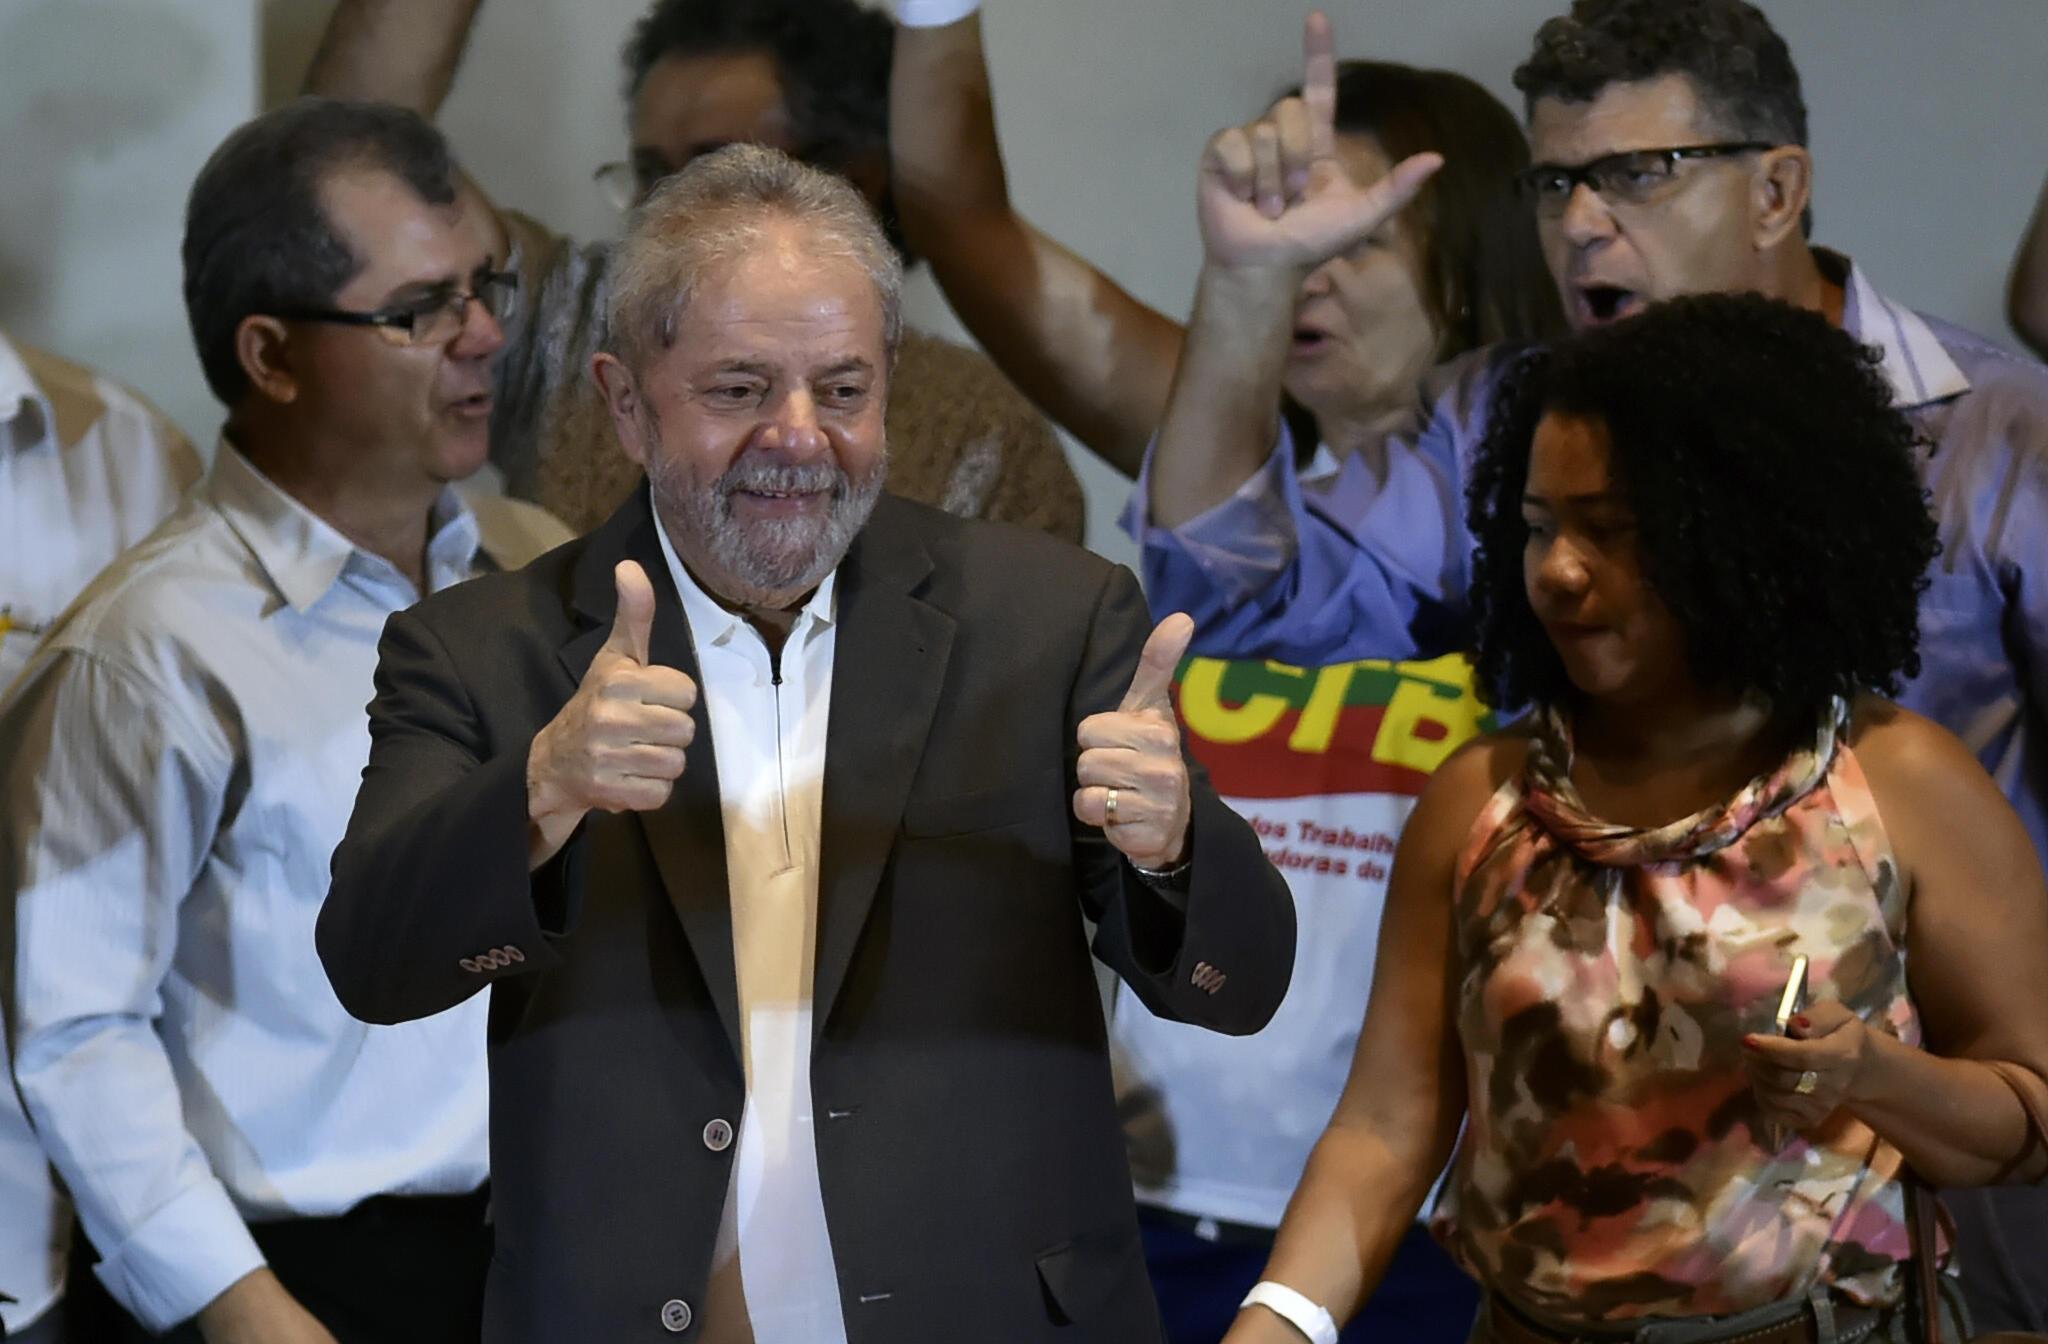 L'ex-président brésilien Lula en meeting à Sao Paulo, le 23 mars 2016.